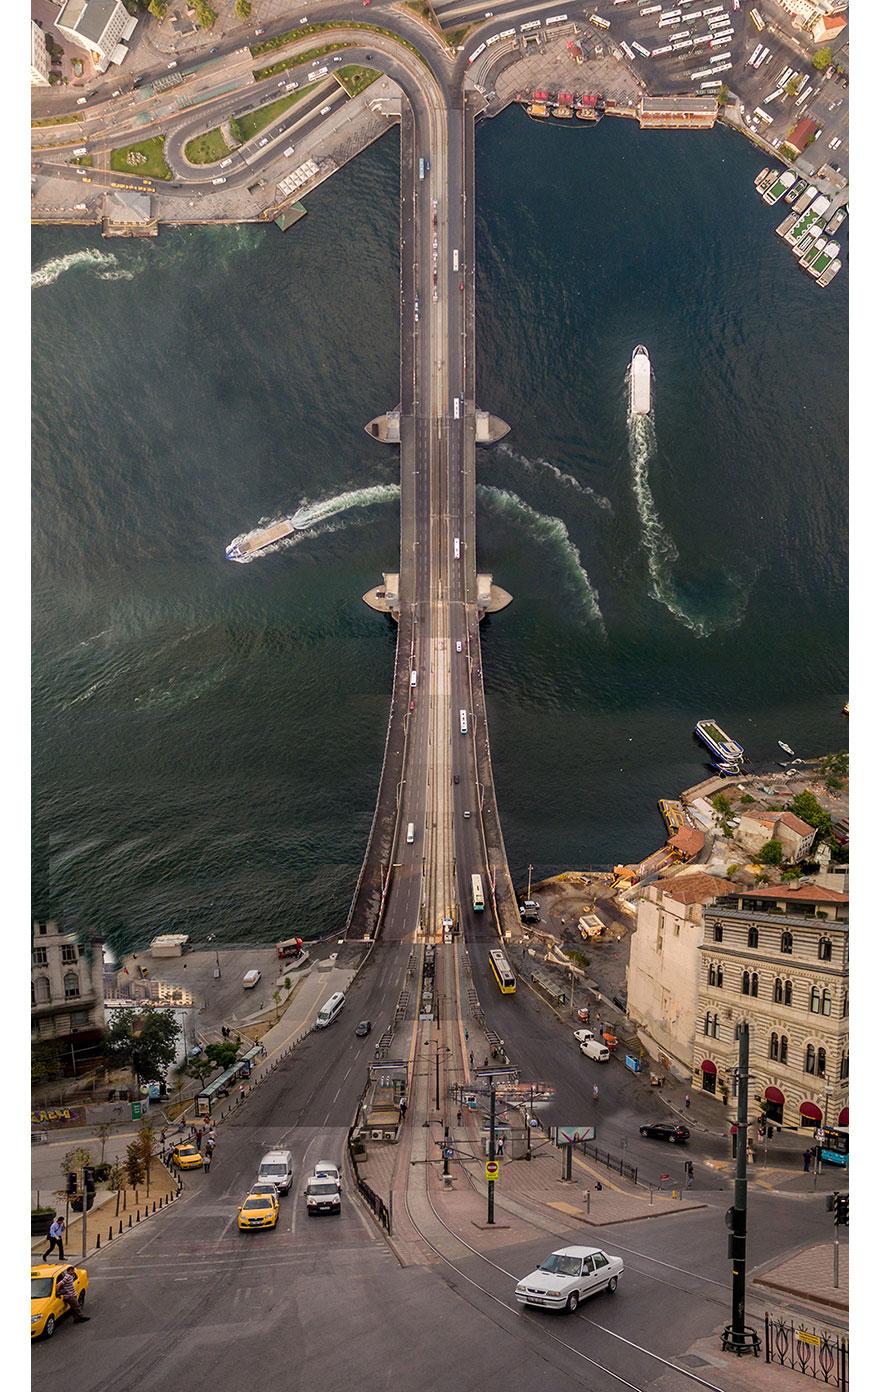 paisajes-surreales-distorsionados-estambul-aydin-buyuktas (1)